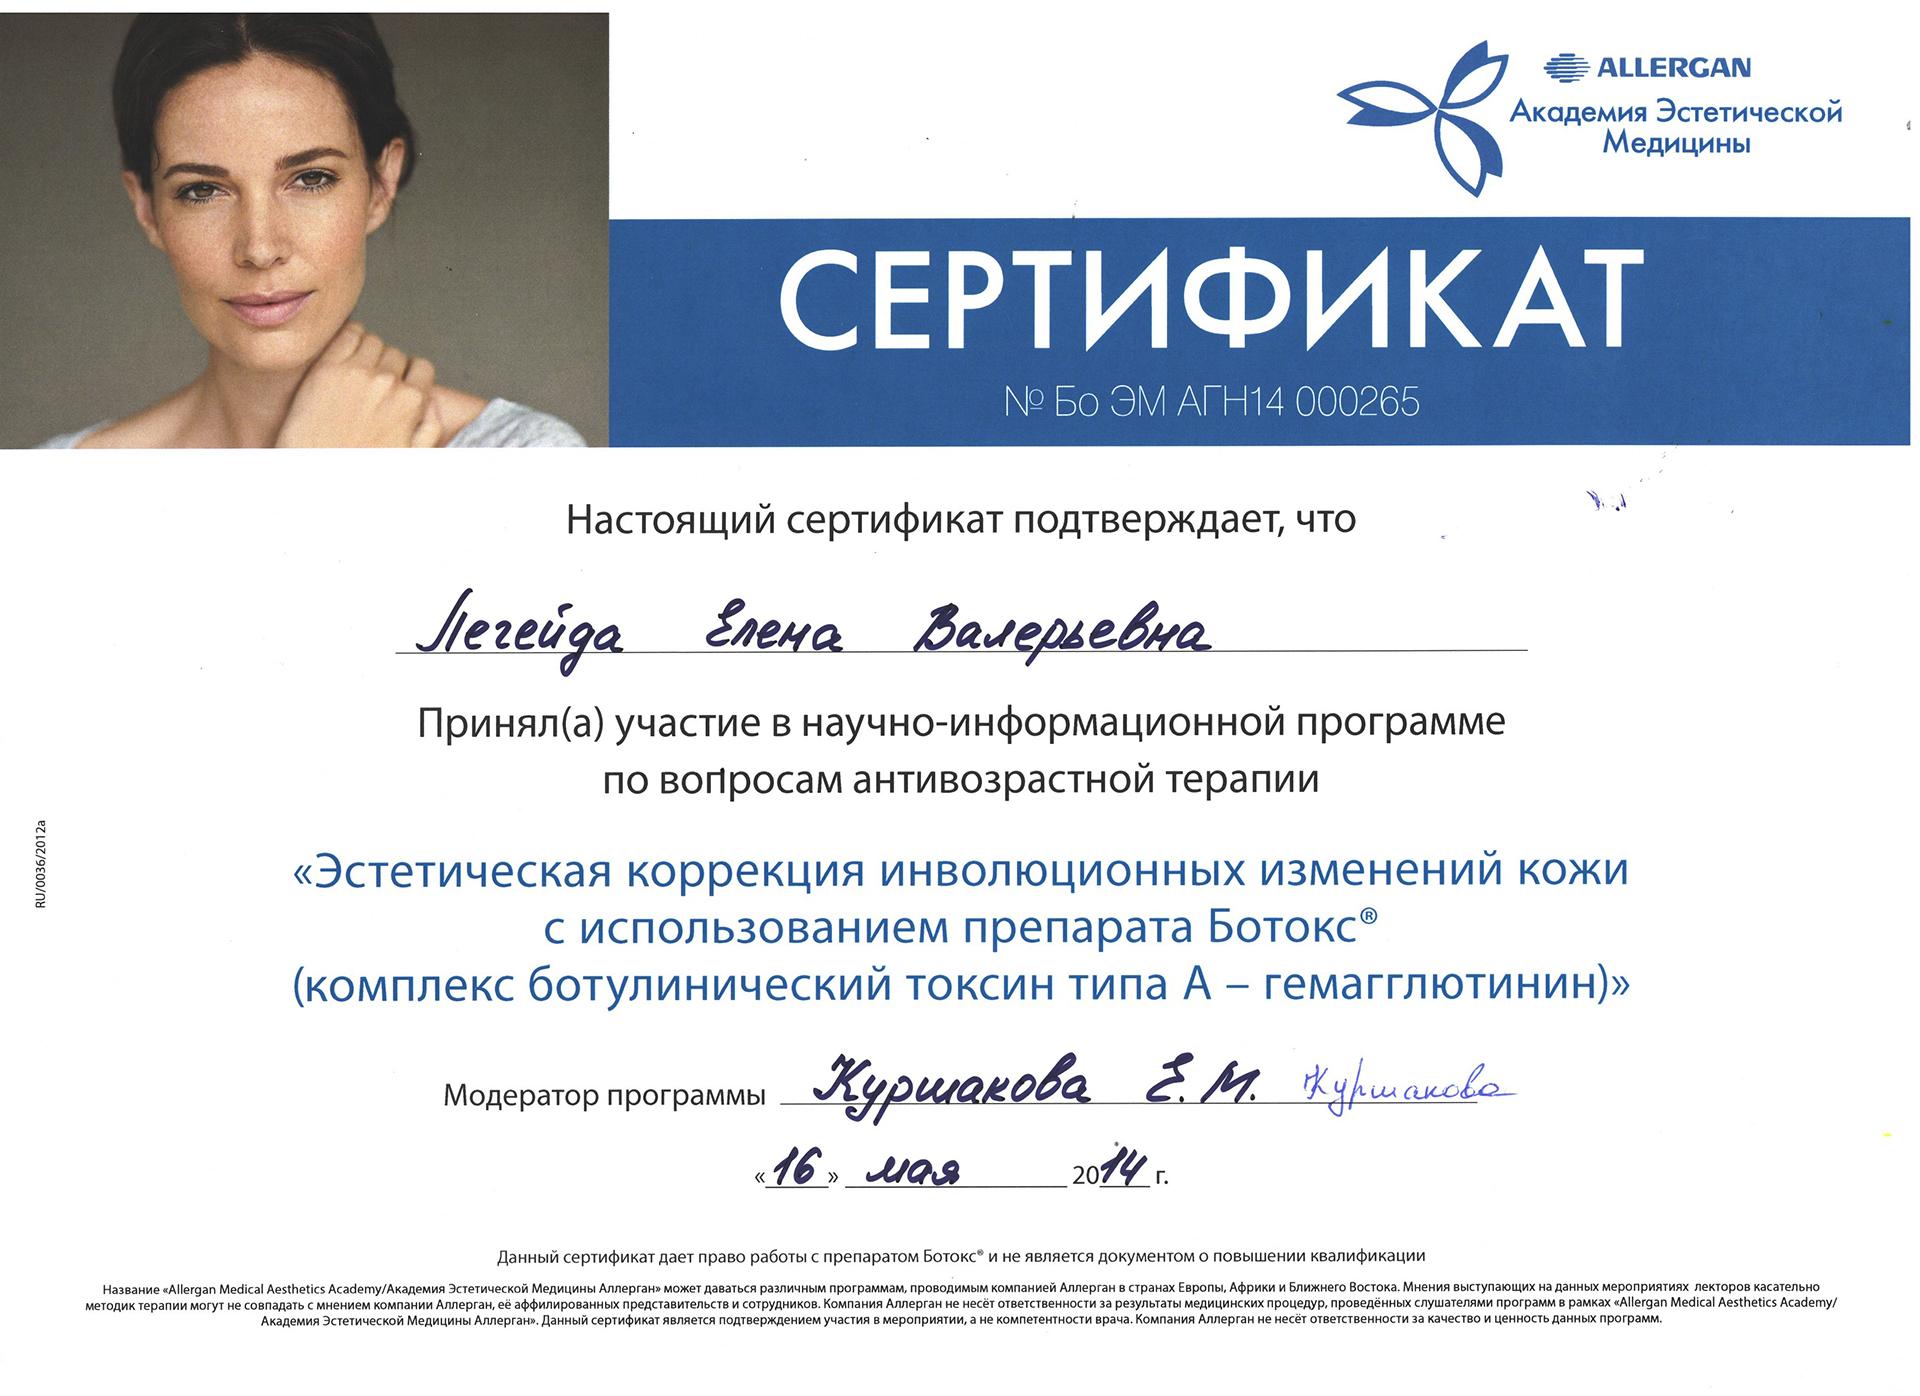 Сертификат — Программа по вопросам антивозрастной терапии. Легейда Елена Валерьевна